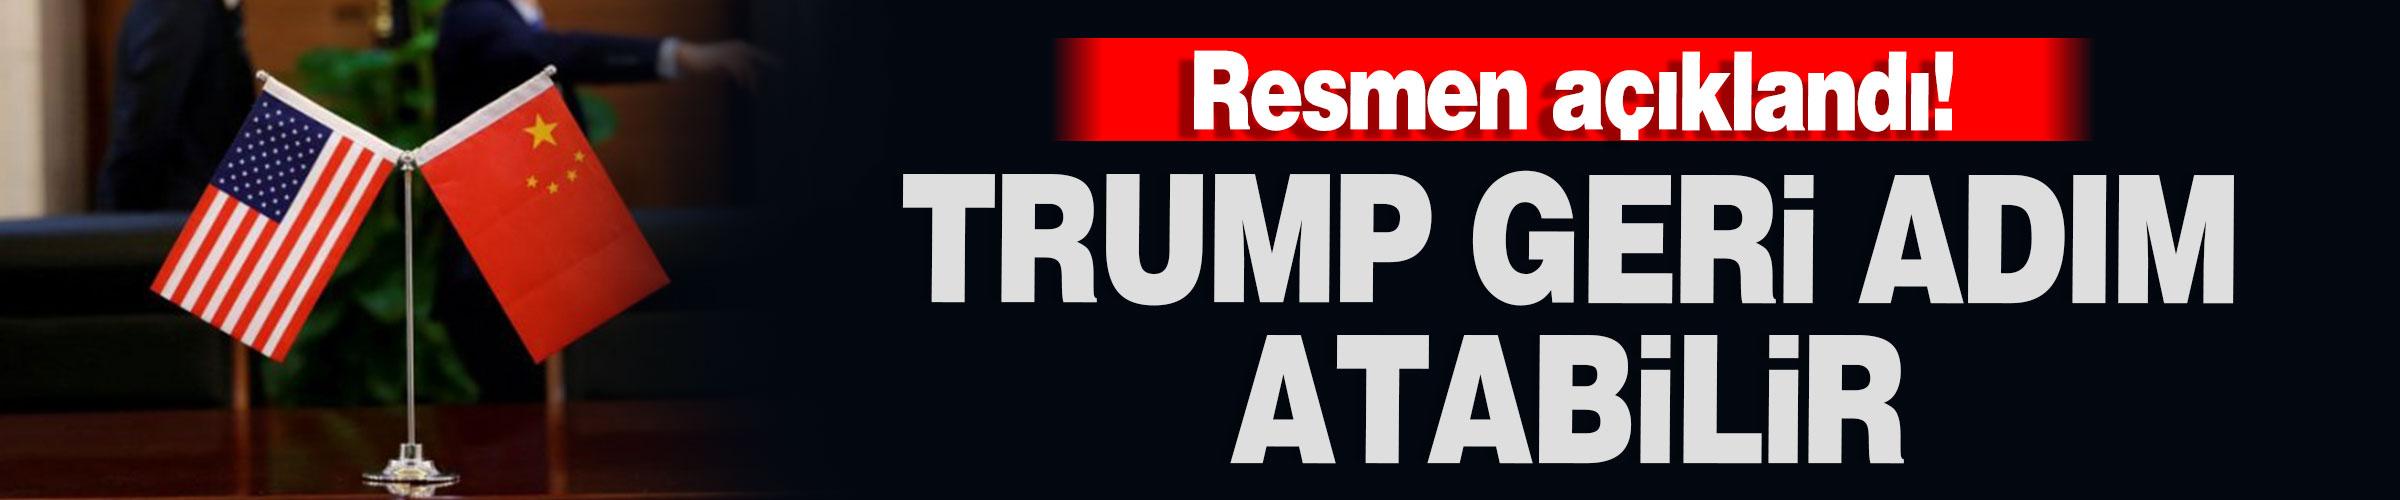 Resmen açıklandı! Trump geri adım atabilir